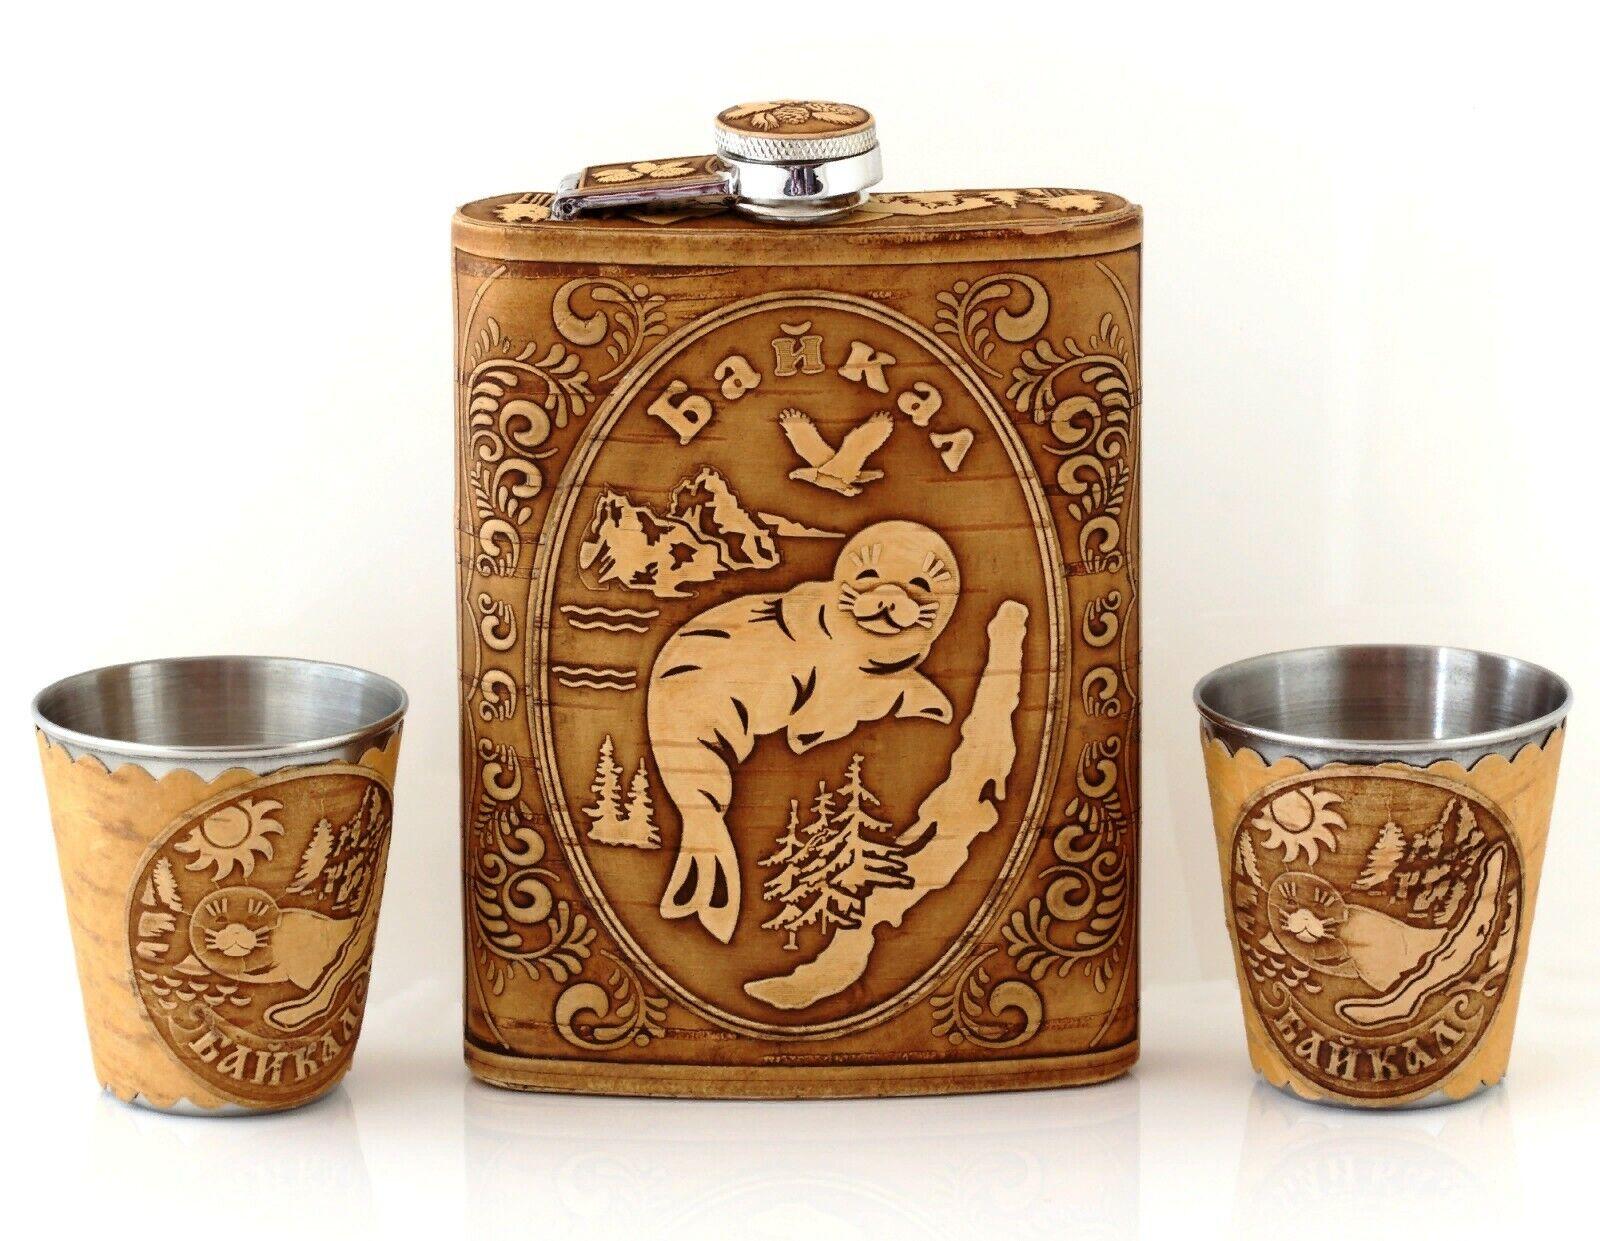 8 oz (environ 226.79 g) poche hanche alcool fiole 2 tasses d'écorce de bouleau Motif Baikal Seal Design 2019